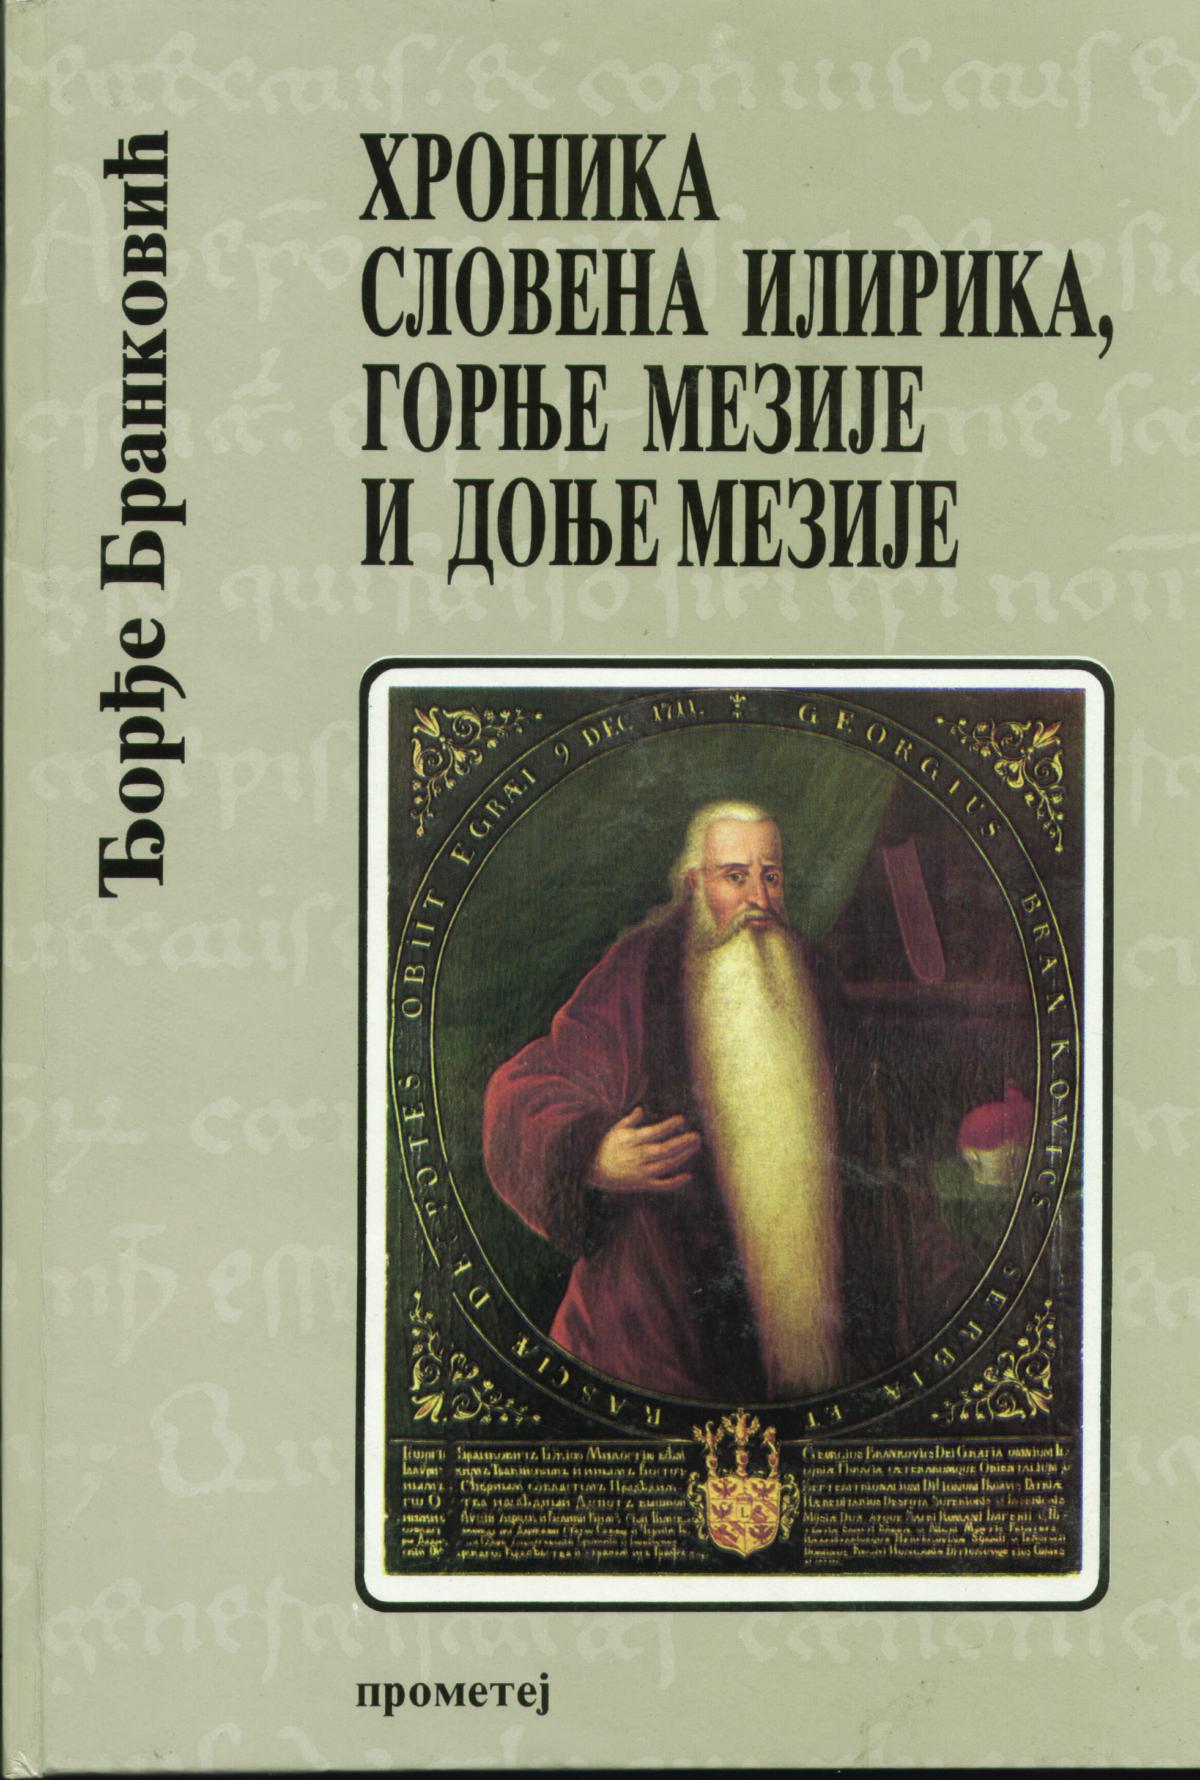 Hronika Slovena Ilirika Gornje Mezije i Donje Mezije